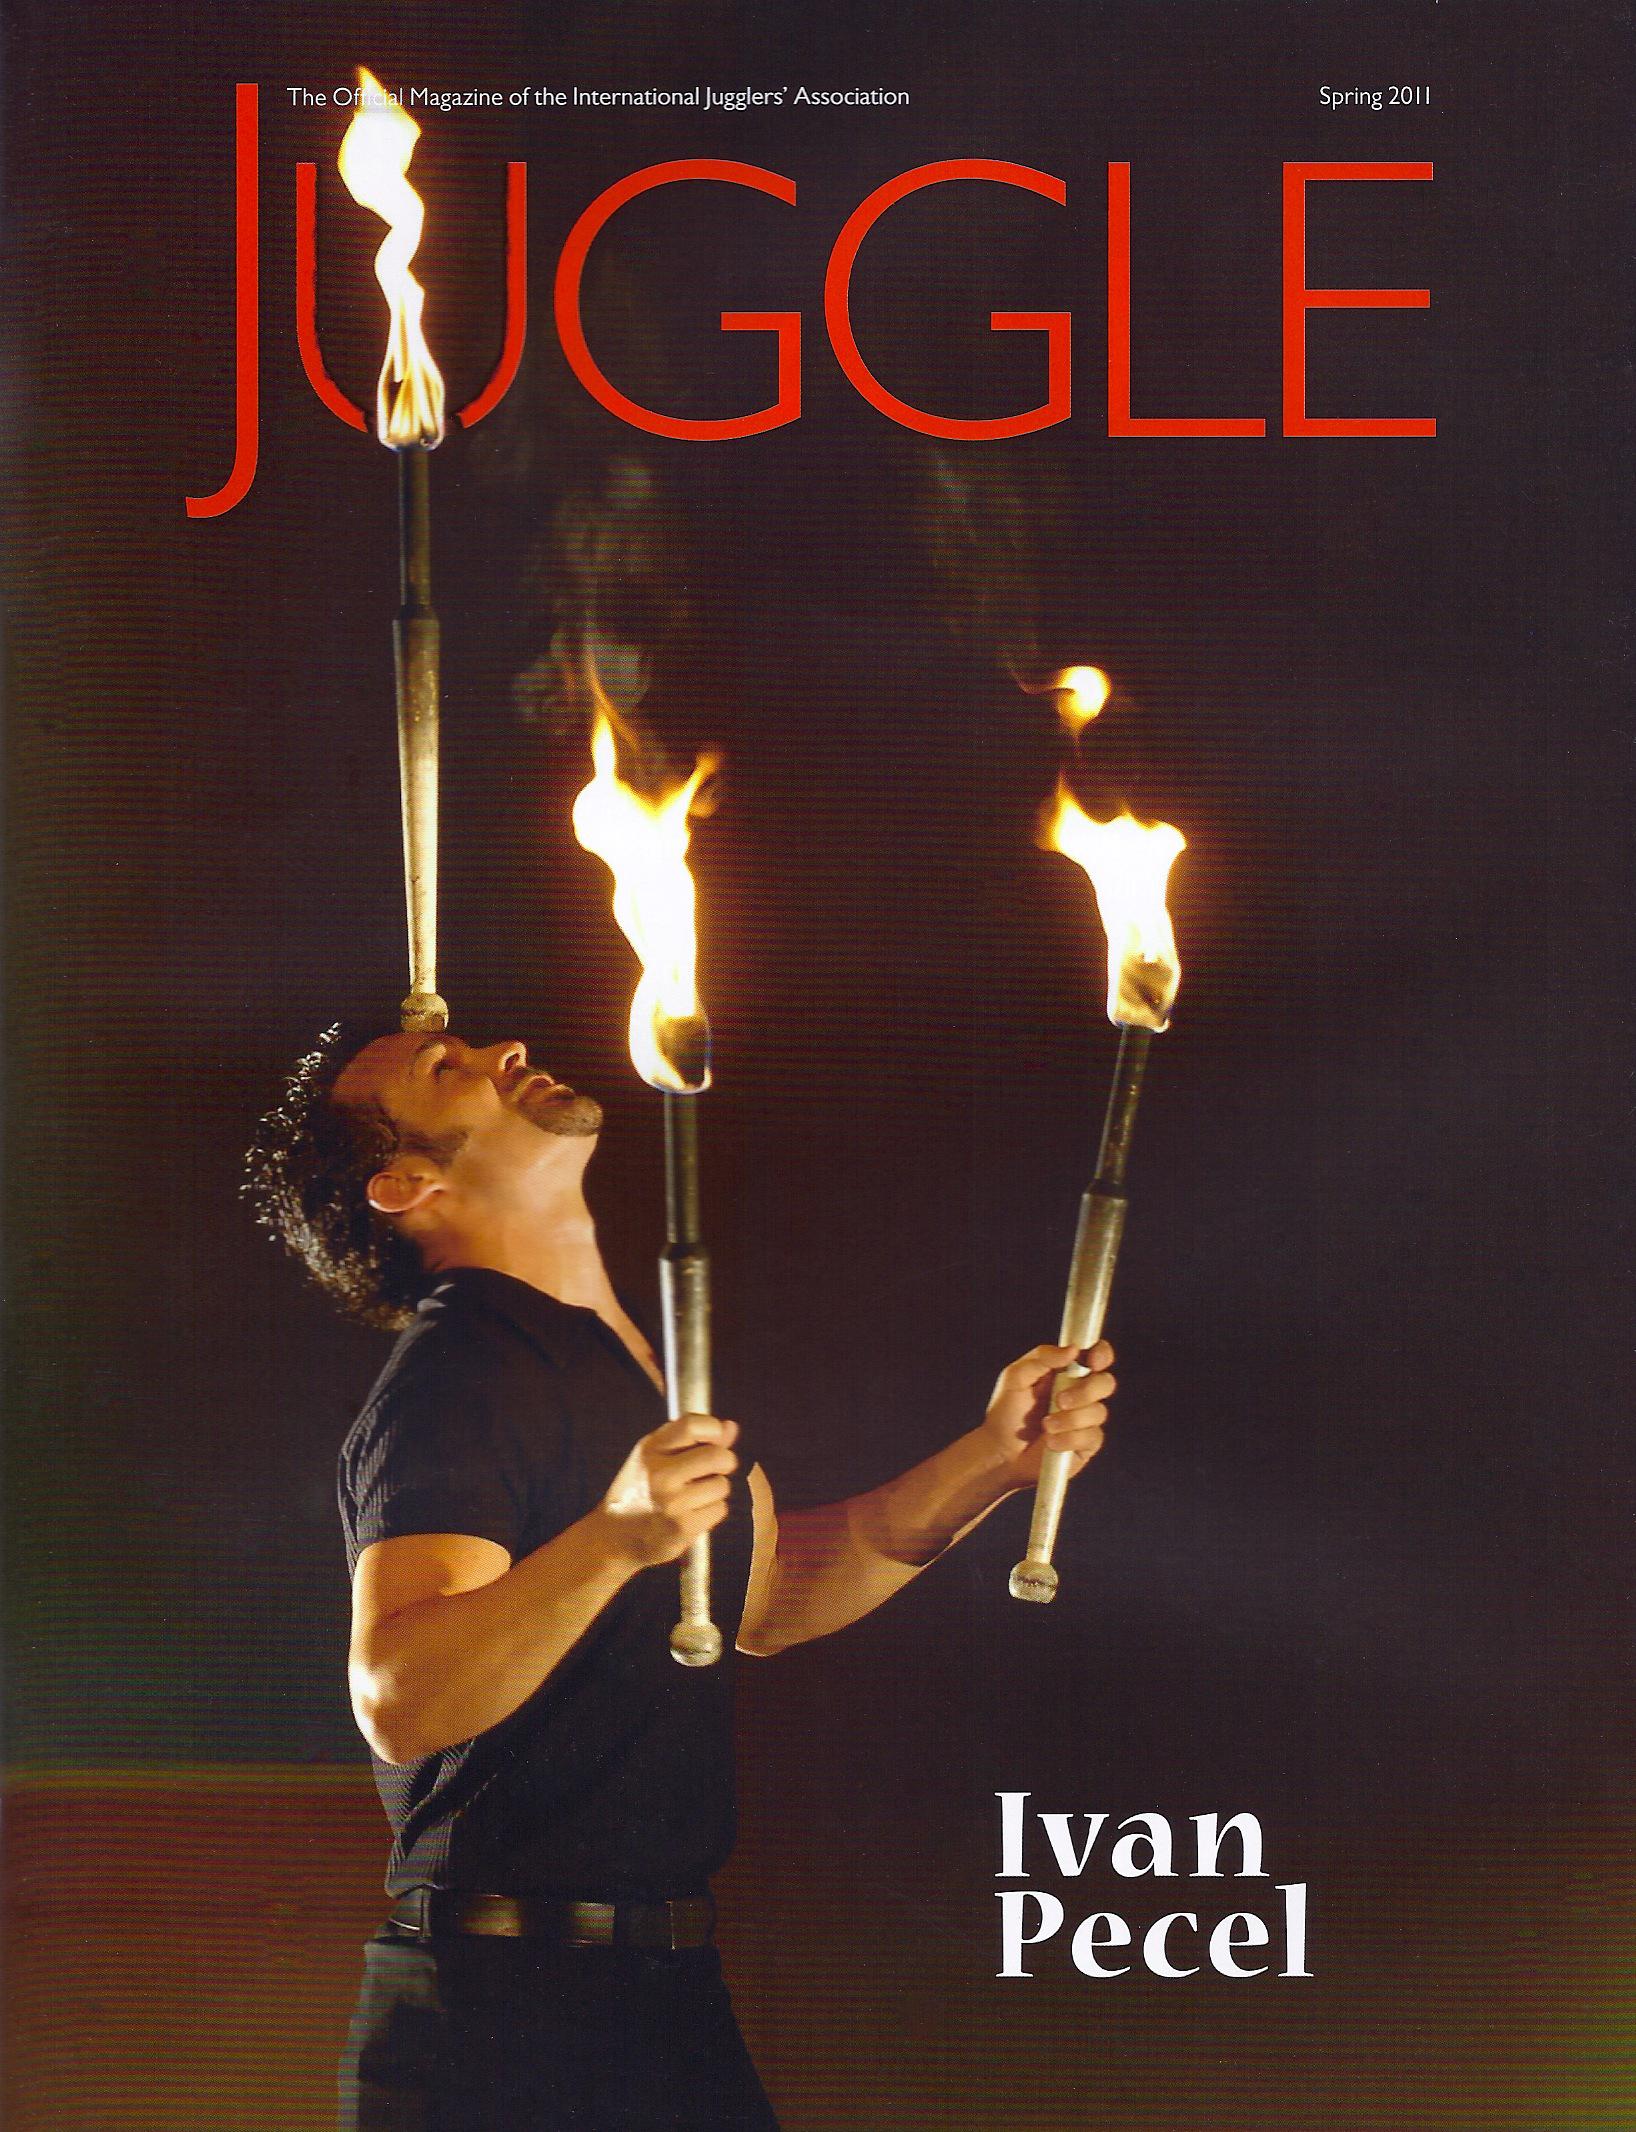 Ivan Pecel